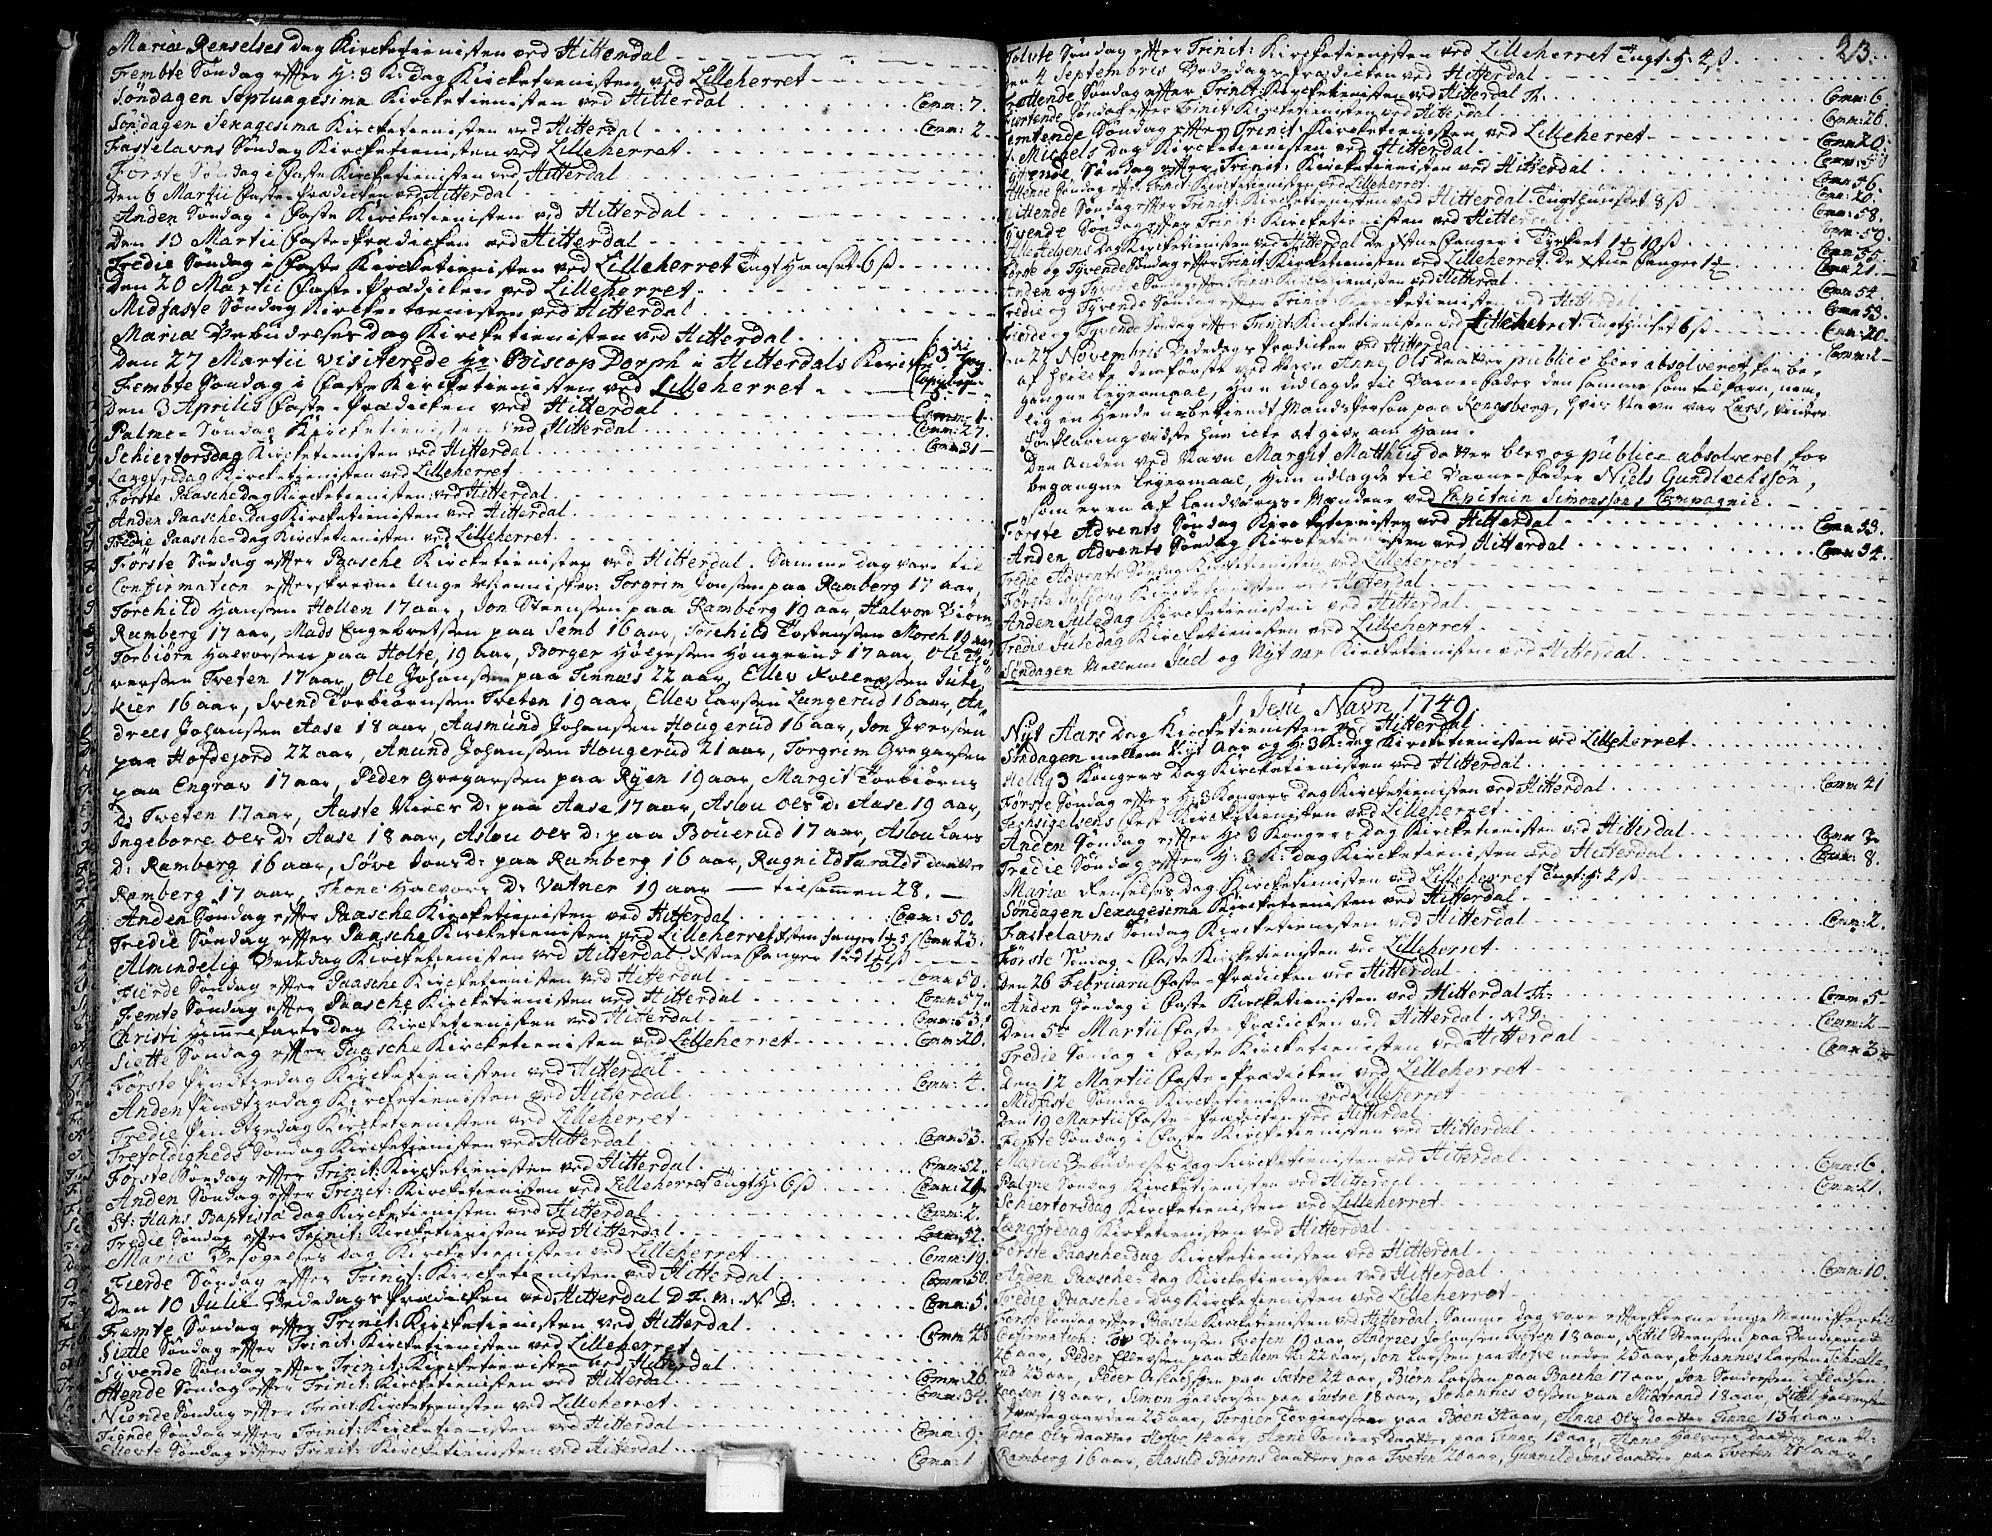 SAKO, Heddal kirkebøker, F/Fa/L0003: Ministerialbok nr. I 3, 1723-1783, s. 23